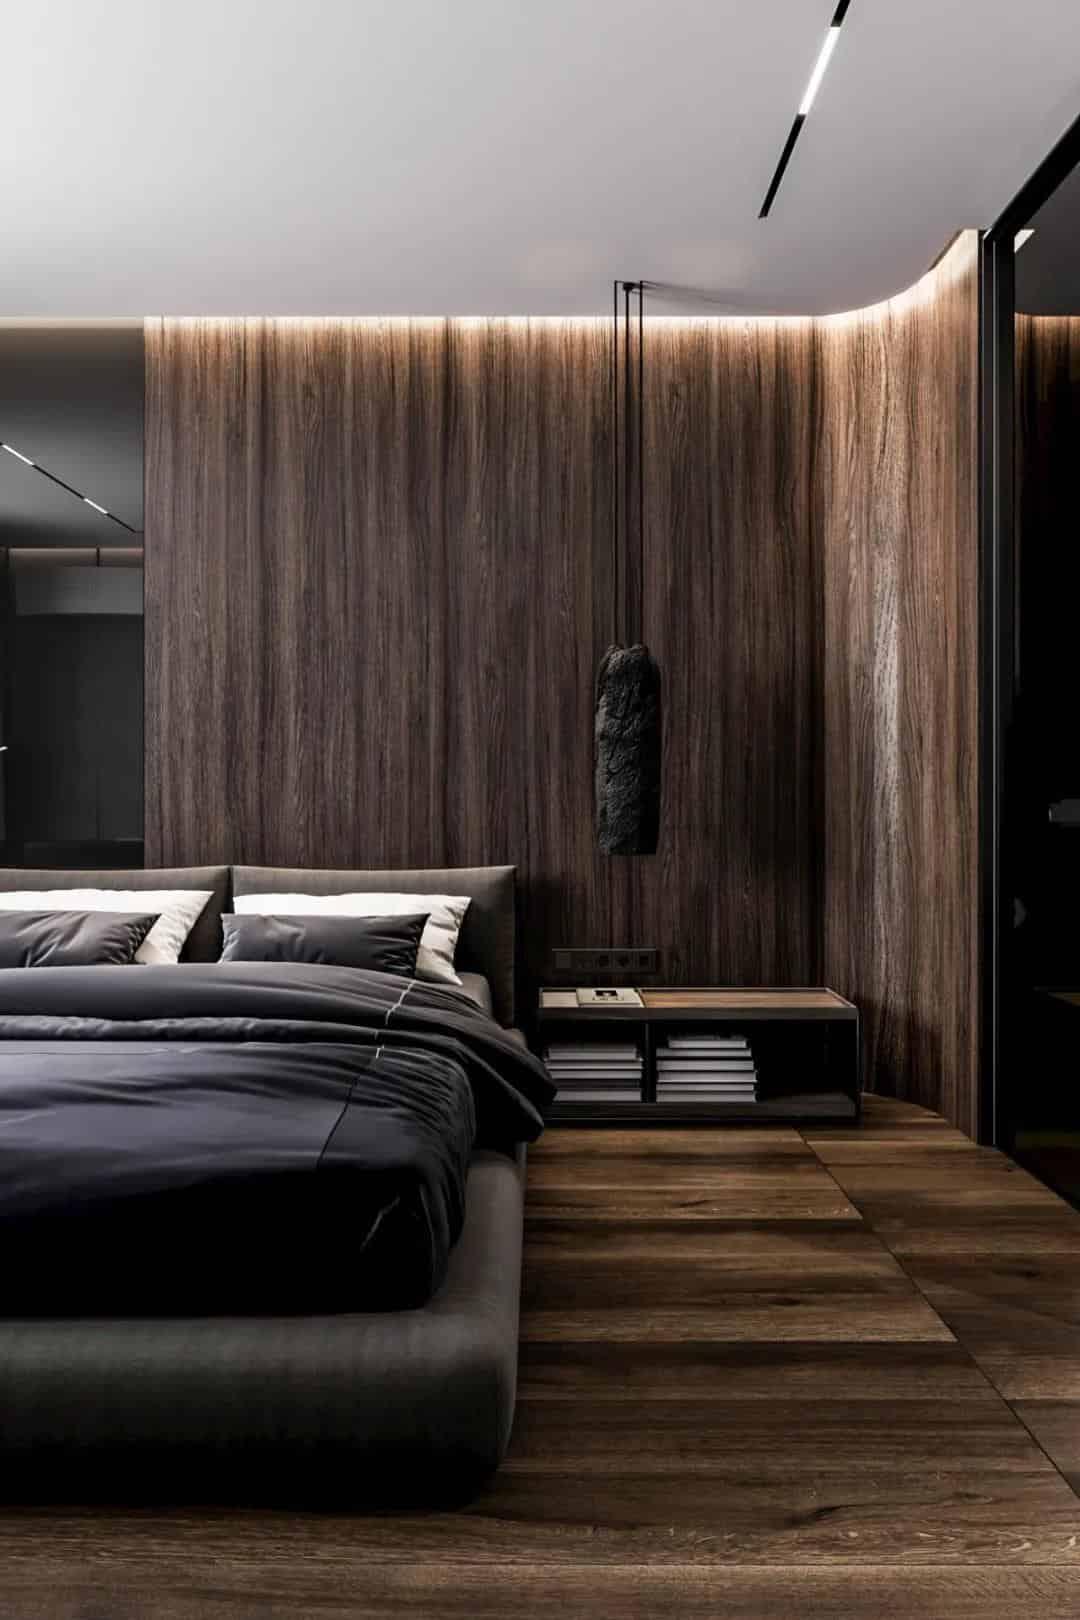 溫暖、安靜、自然的英國公寓室內設計!